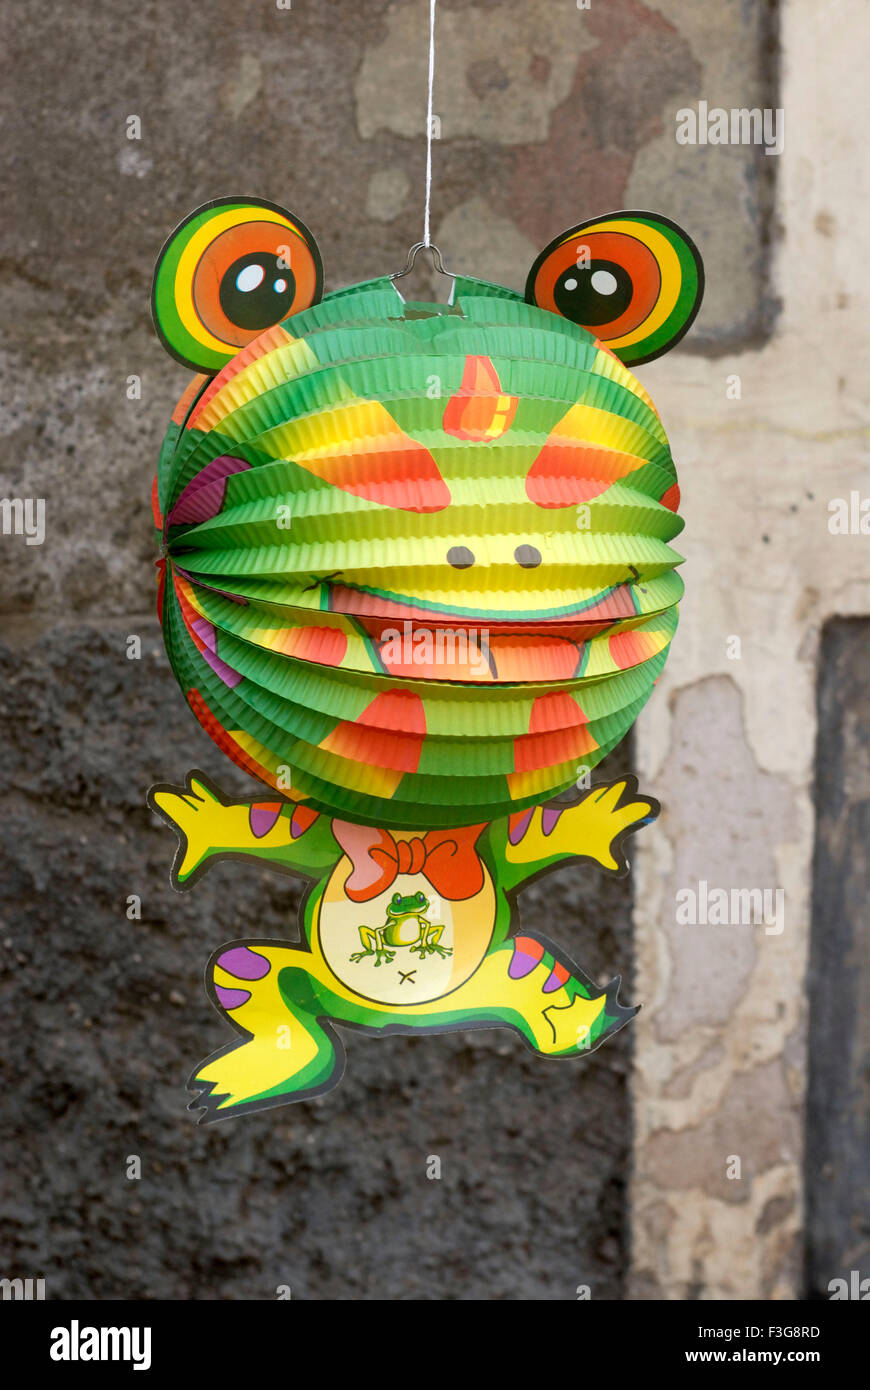 Wandbehang Frosch lustigen Form cartoon Charakter Dekorationsmaterial feiert Weihnachtsfestival gehalten Shop Borivali Stockbild